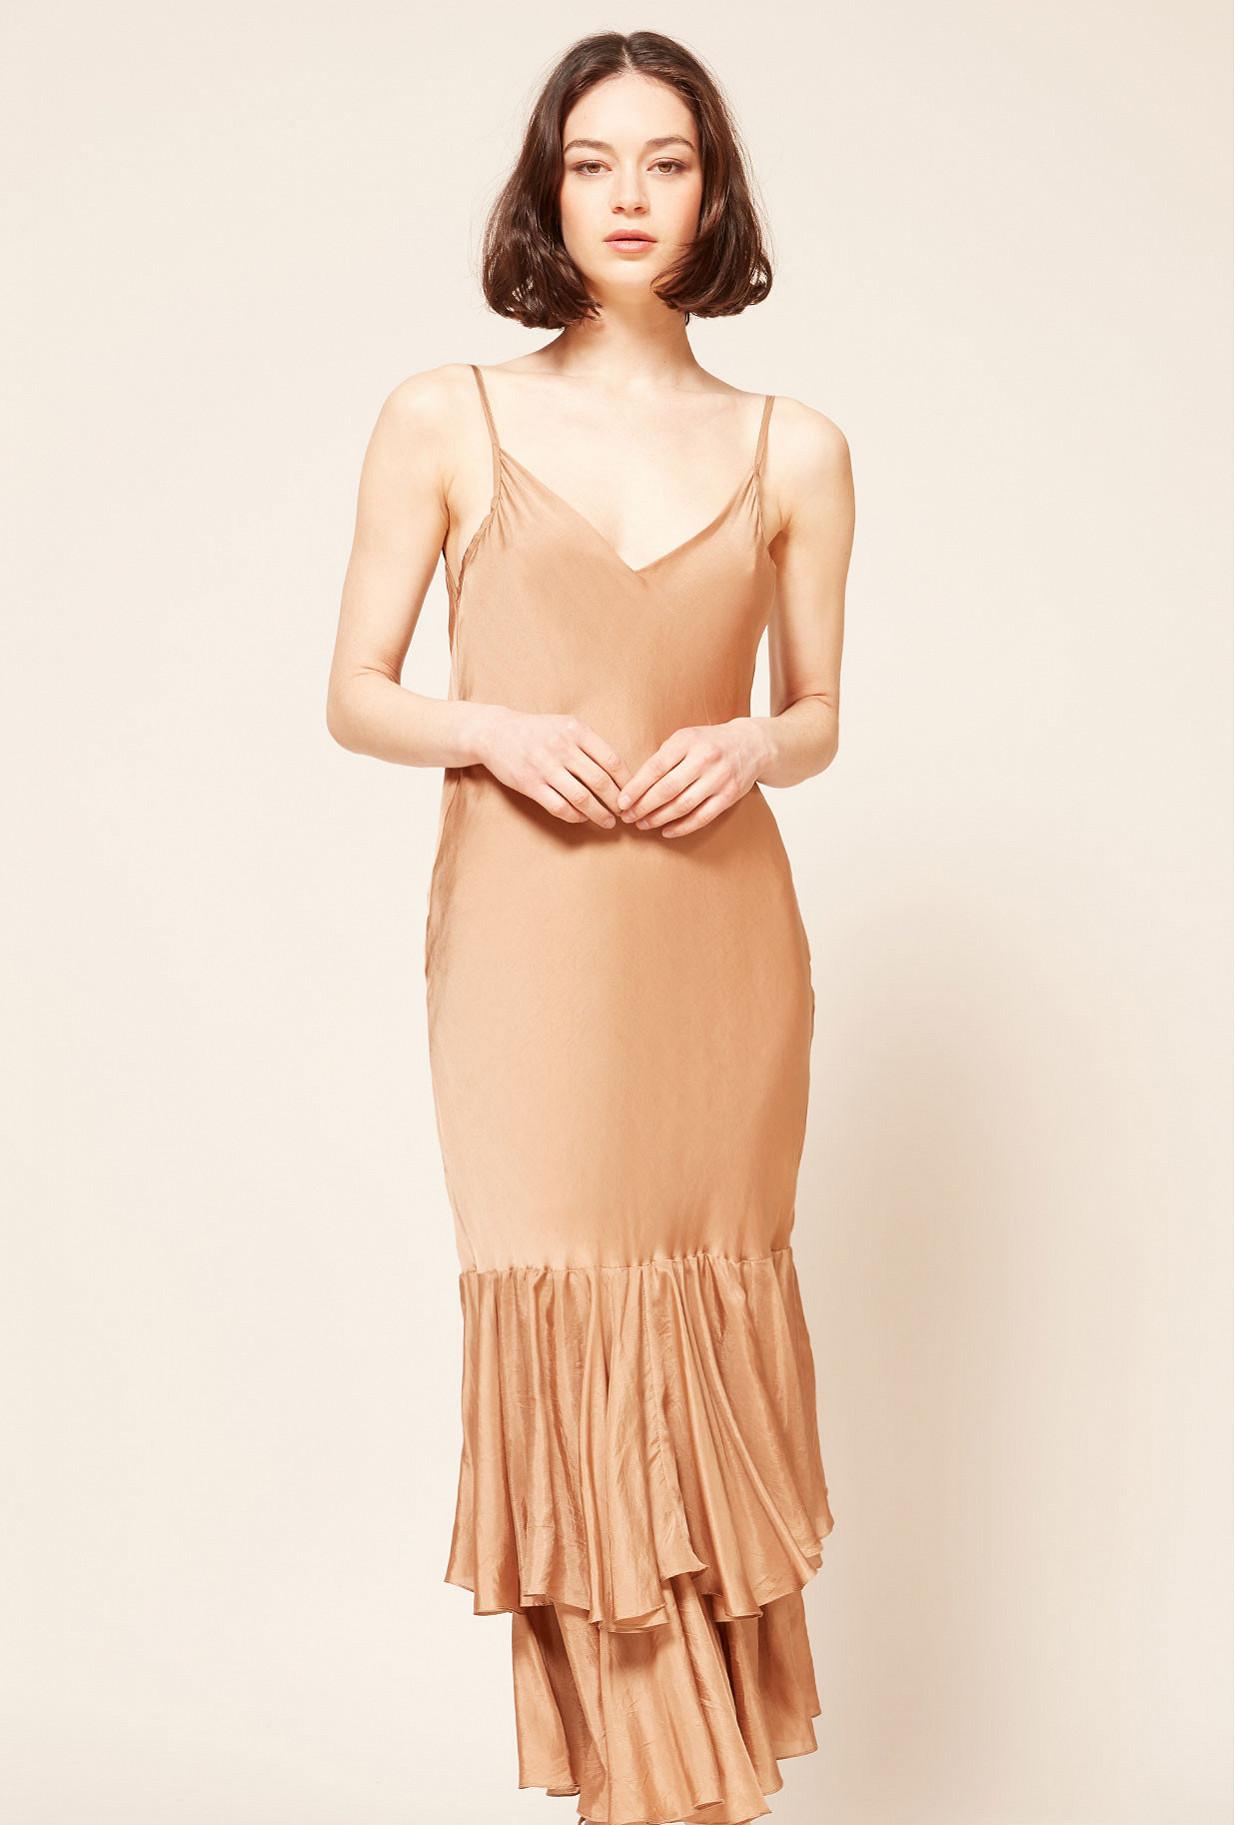 Robe Nude  Marmelade mes demoiselles paris vêtement femme paris